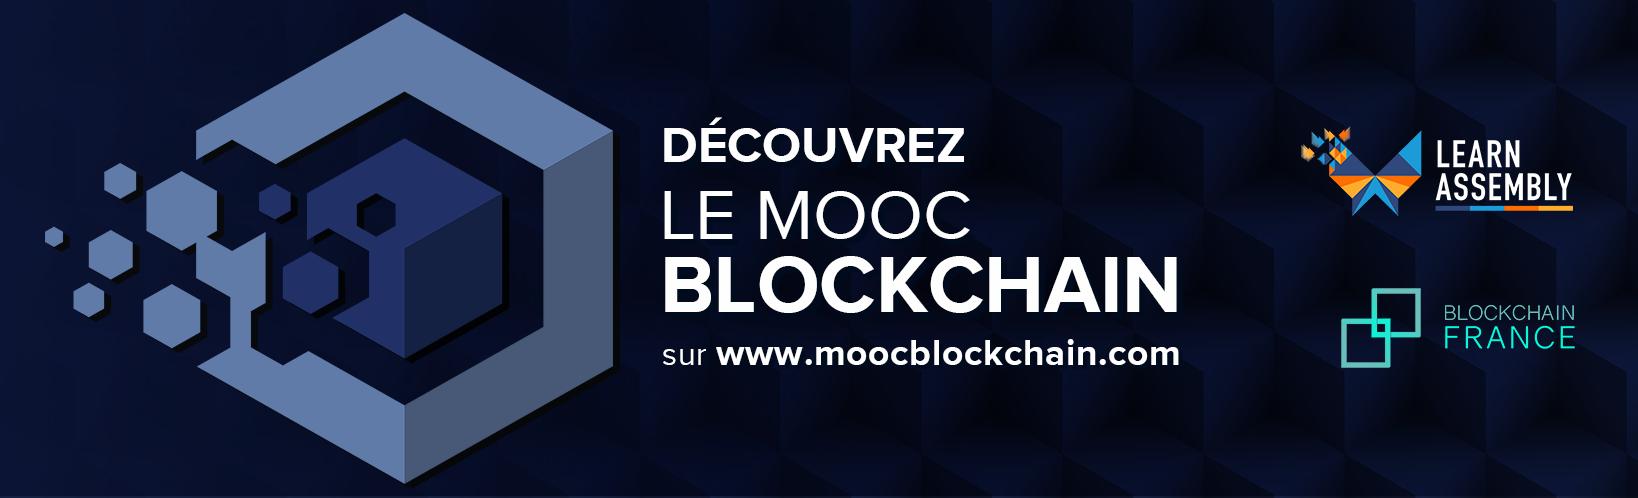 twitter-blockchain-banner_5